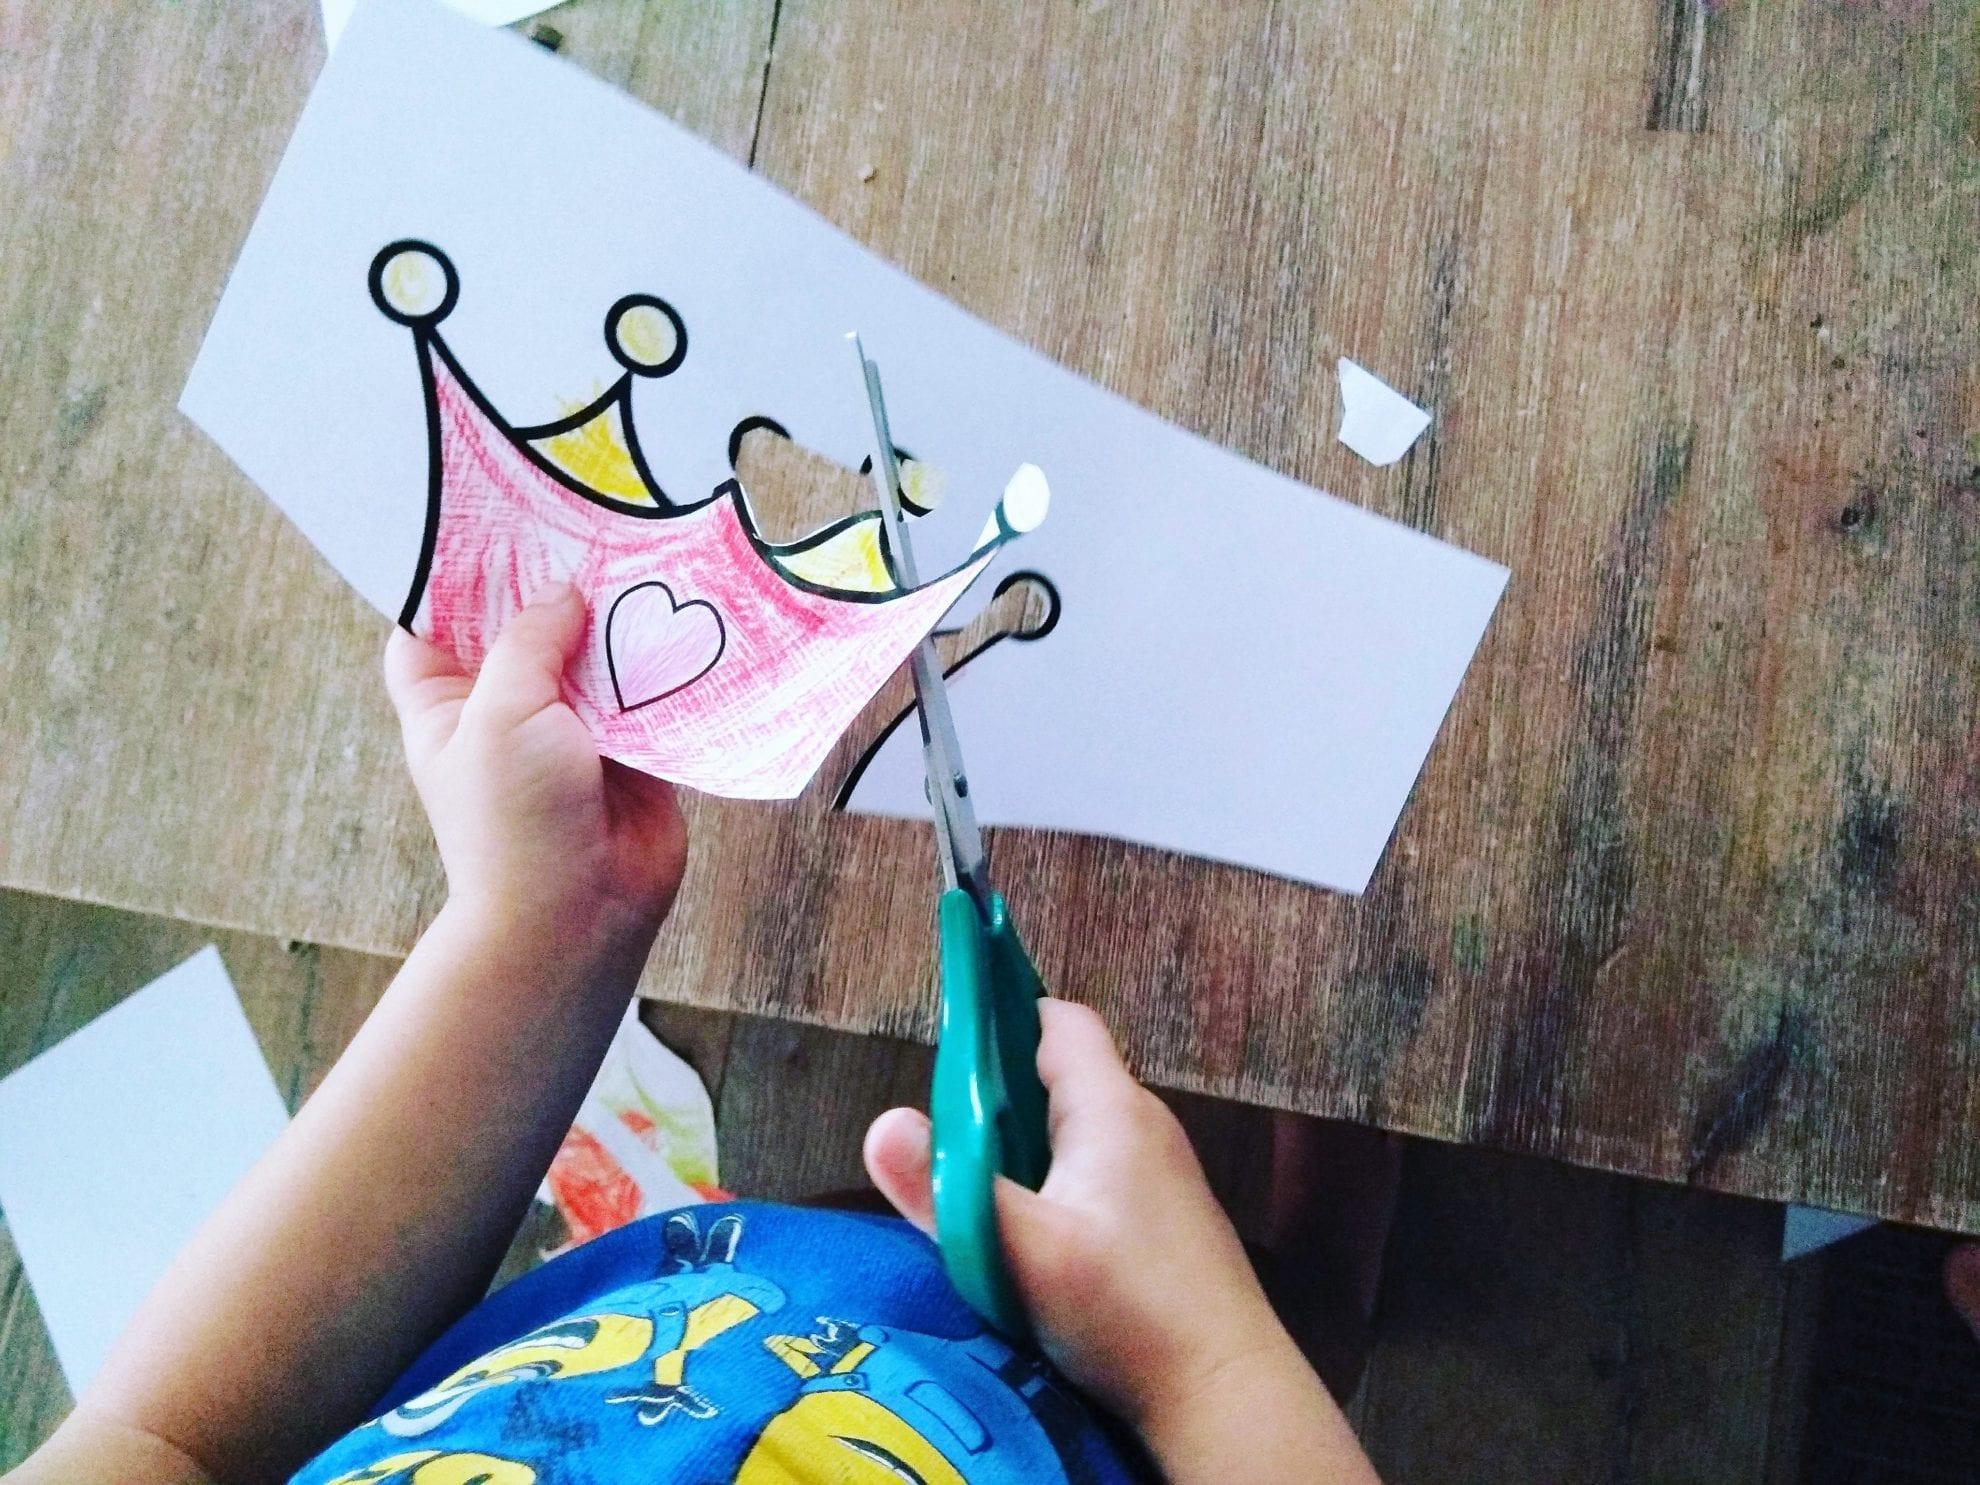 Basteln mit Papier nach Druckvorlage, Basteln mit Kindern, WIB, Puddingklecks